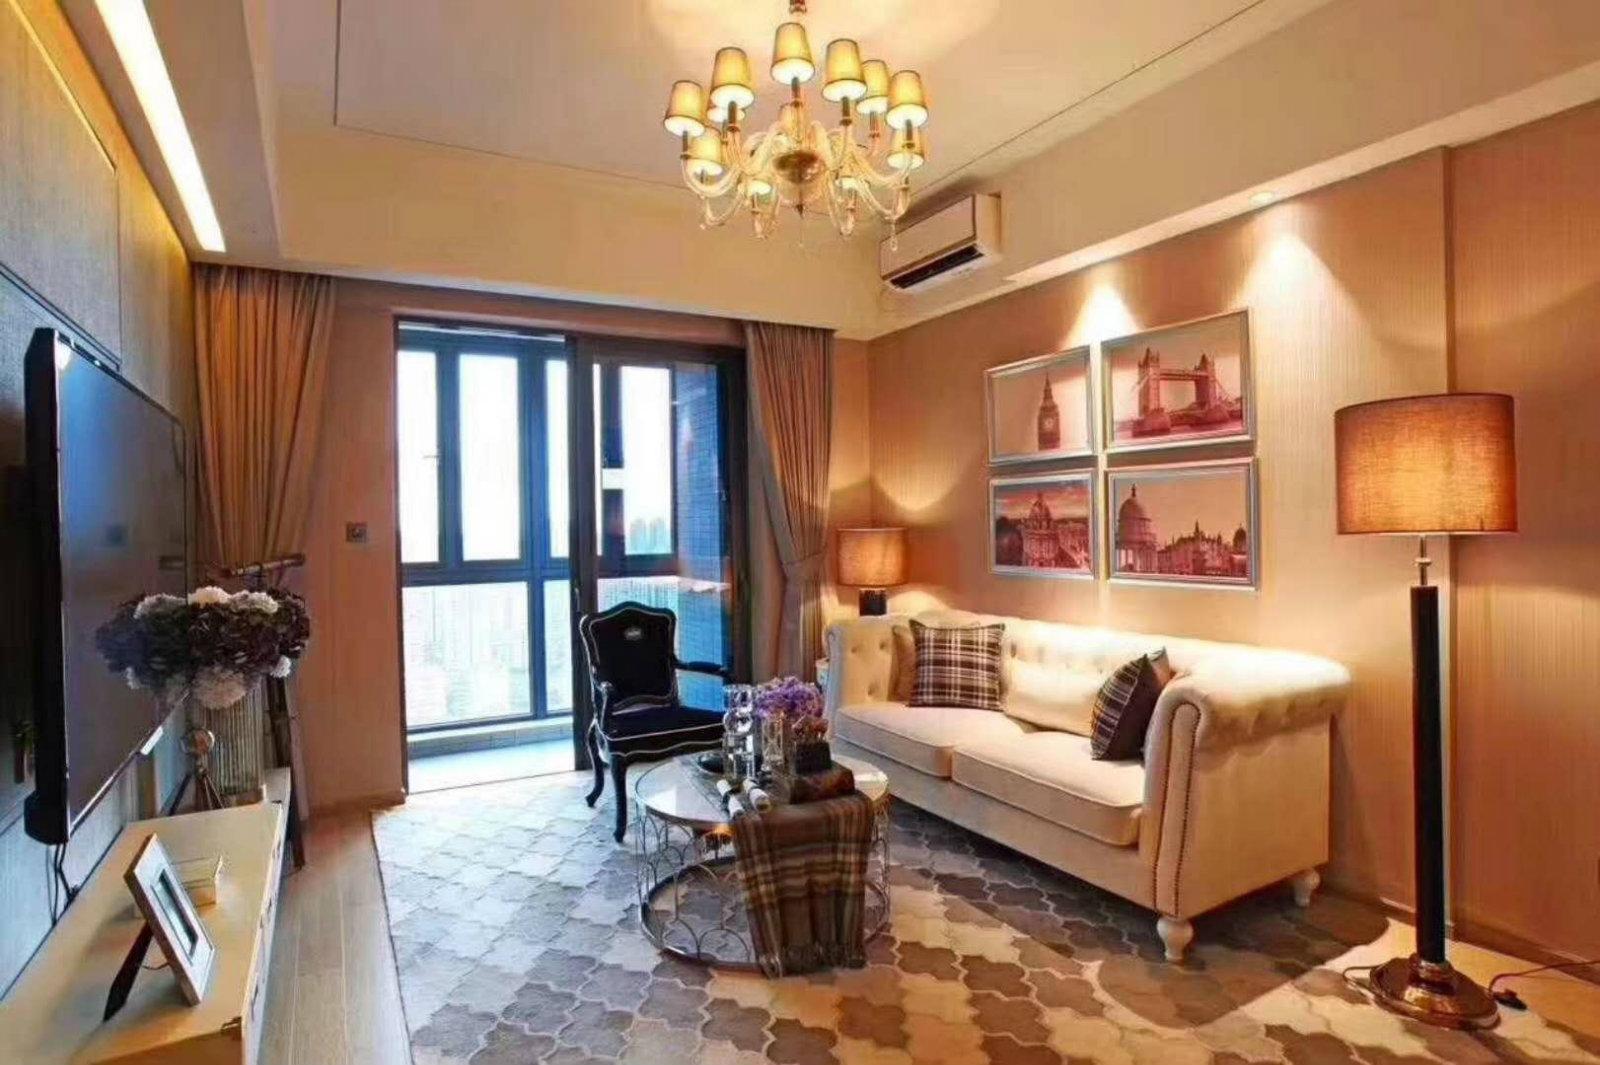 富力东山新天地 双阳台可明火 现楼发售  两房  拎包入住